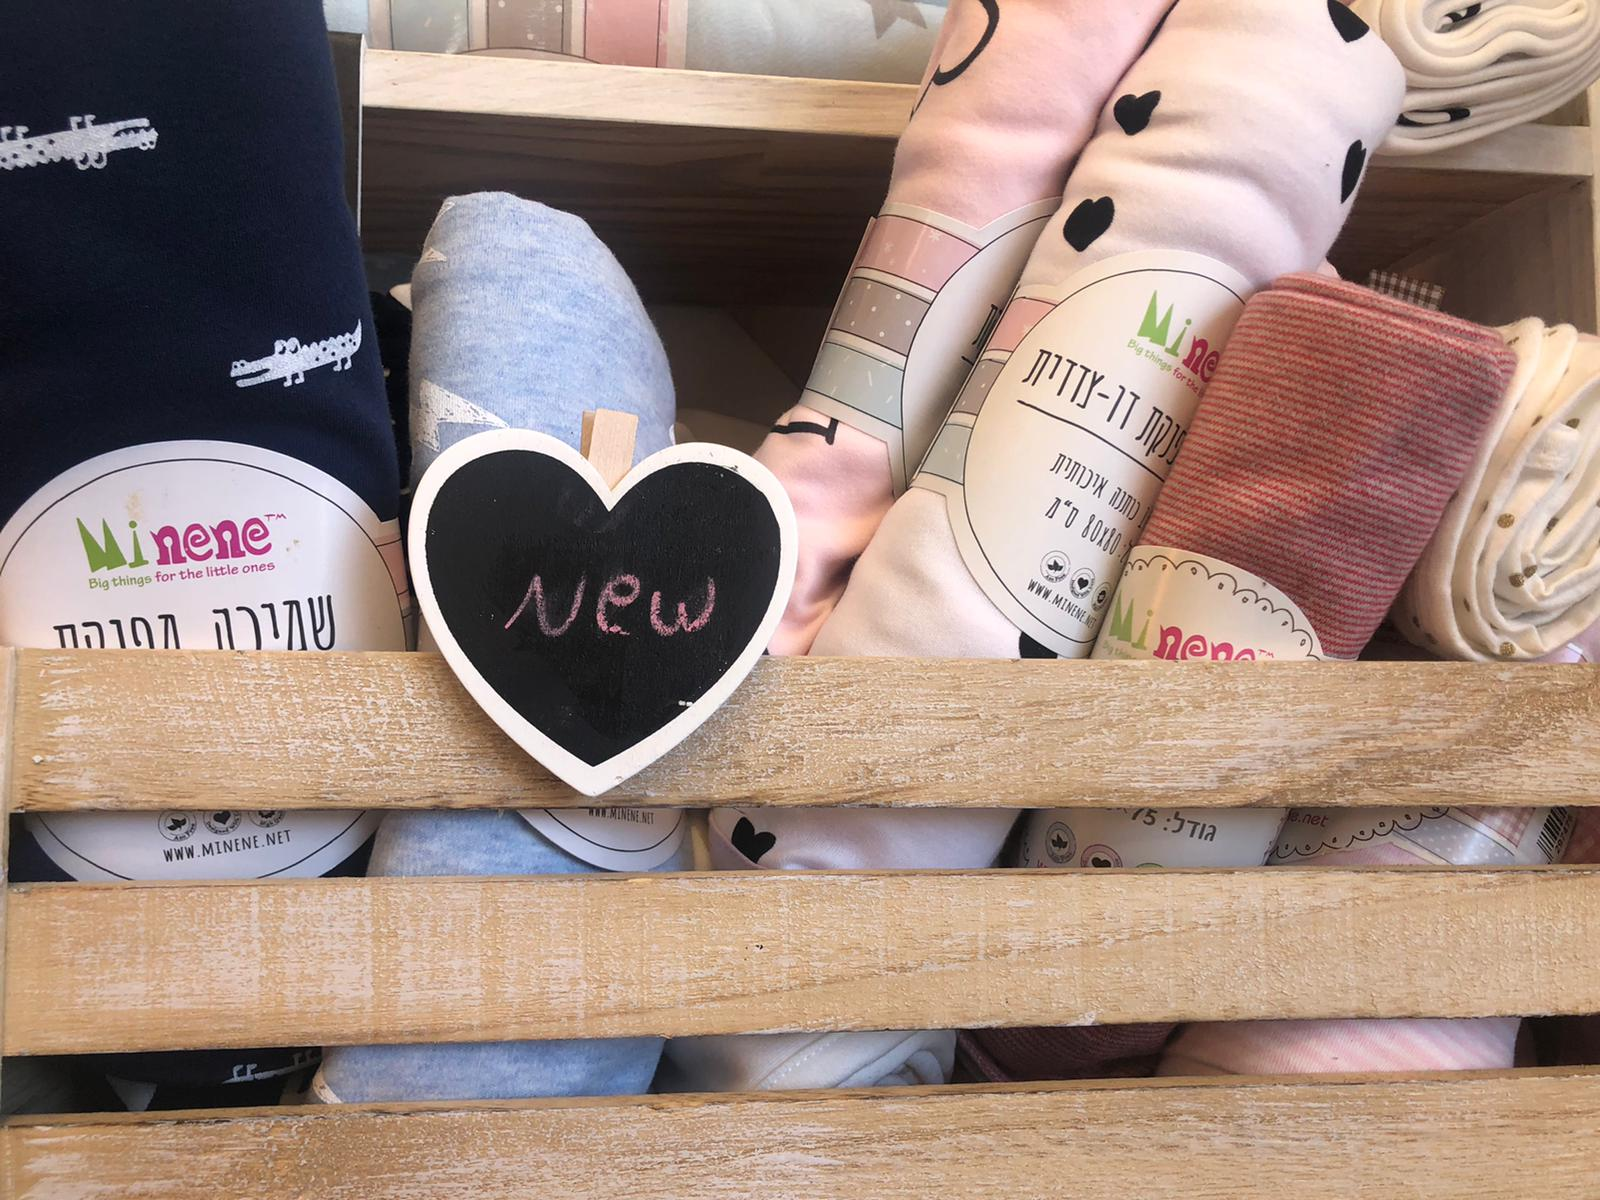 מוצרי טכסטיל להזמנות באינטרנט בחנות ביגודים בשומרון Текстильные изделия для онлайн-заказов в магазине одежды в Самарии